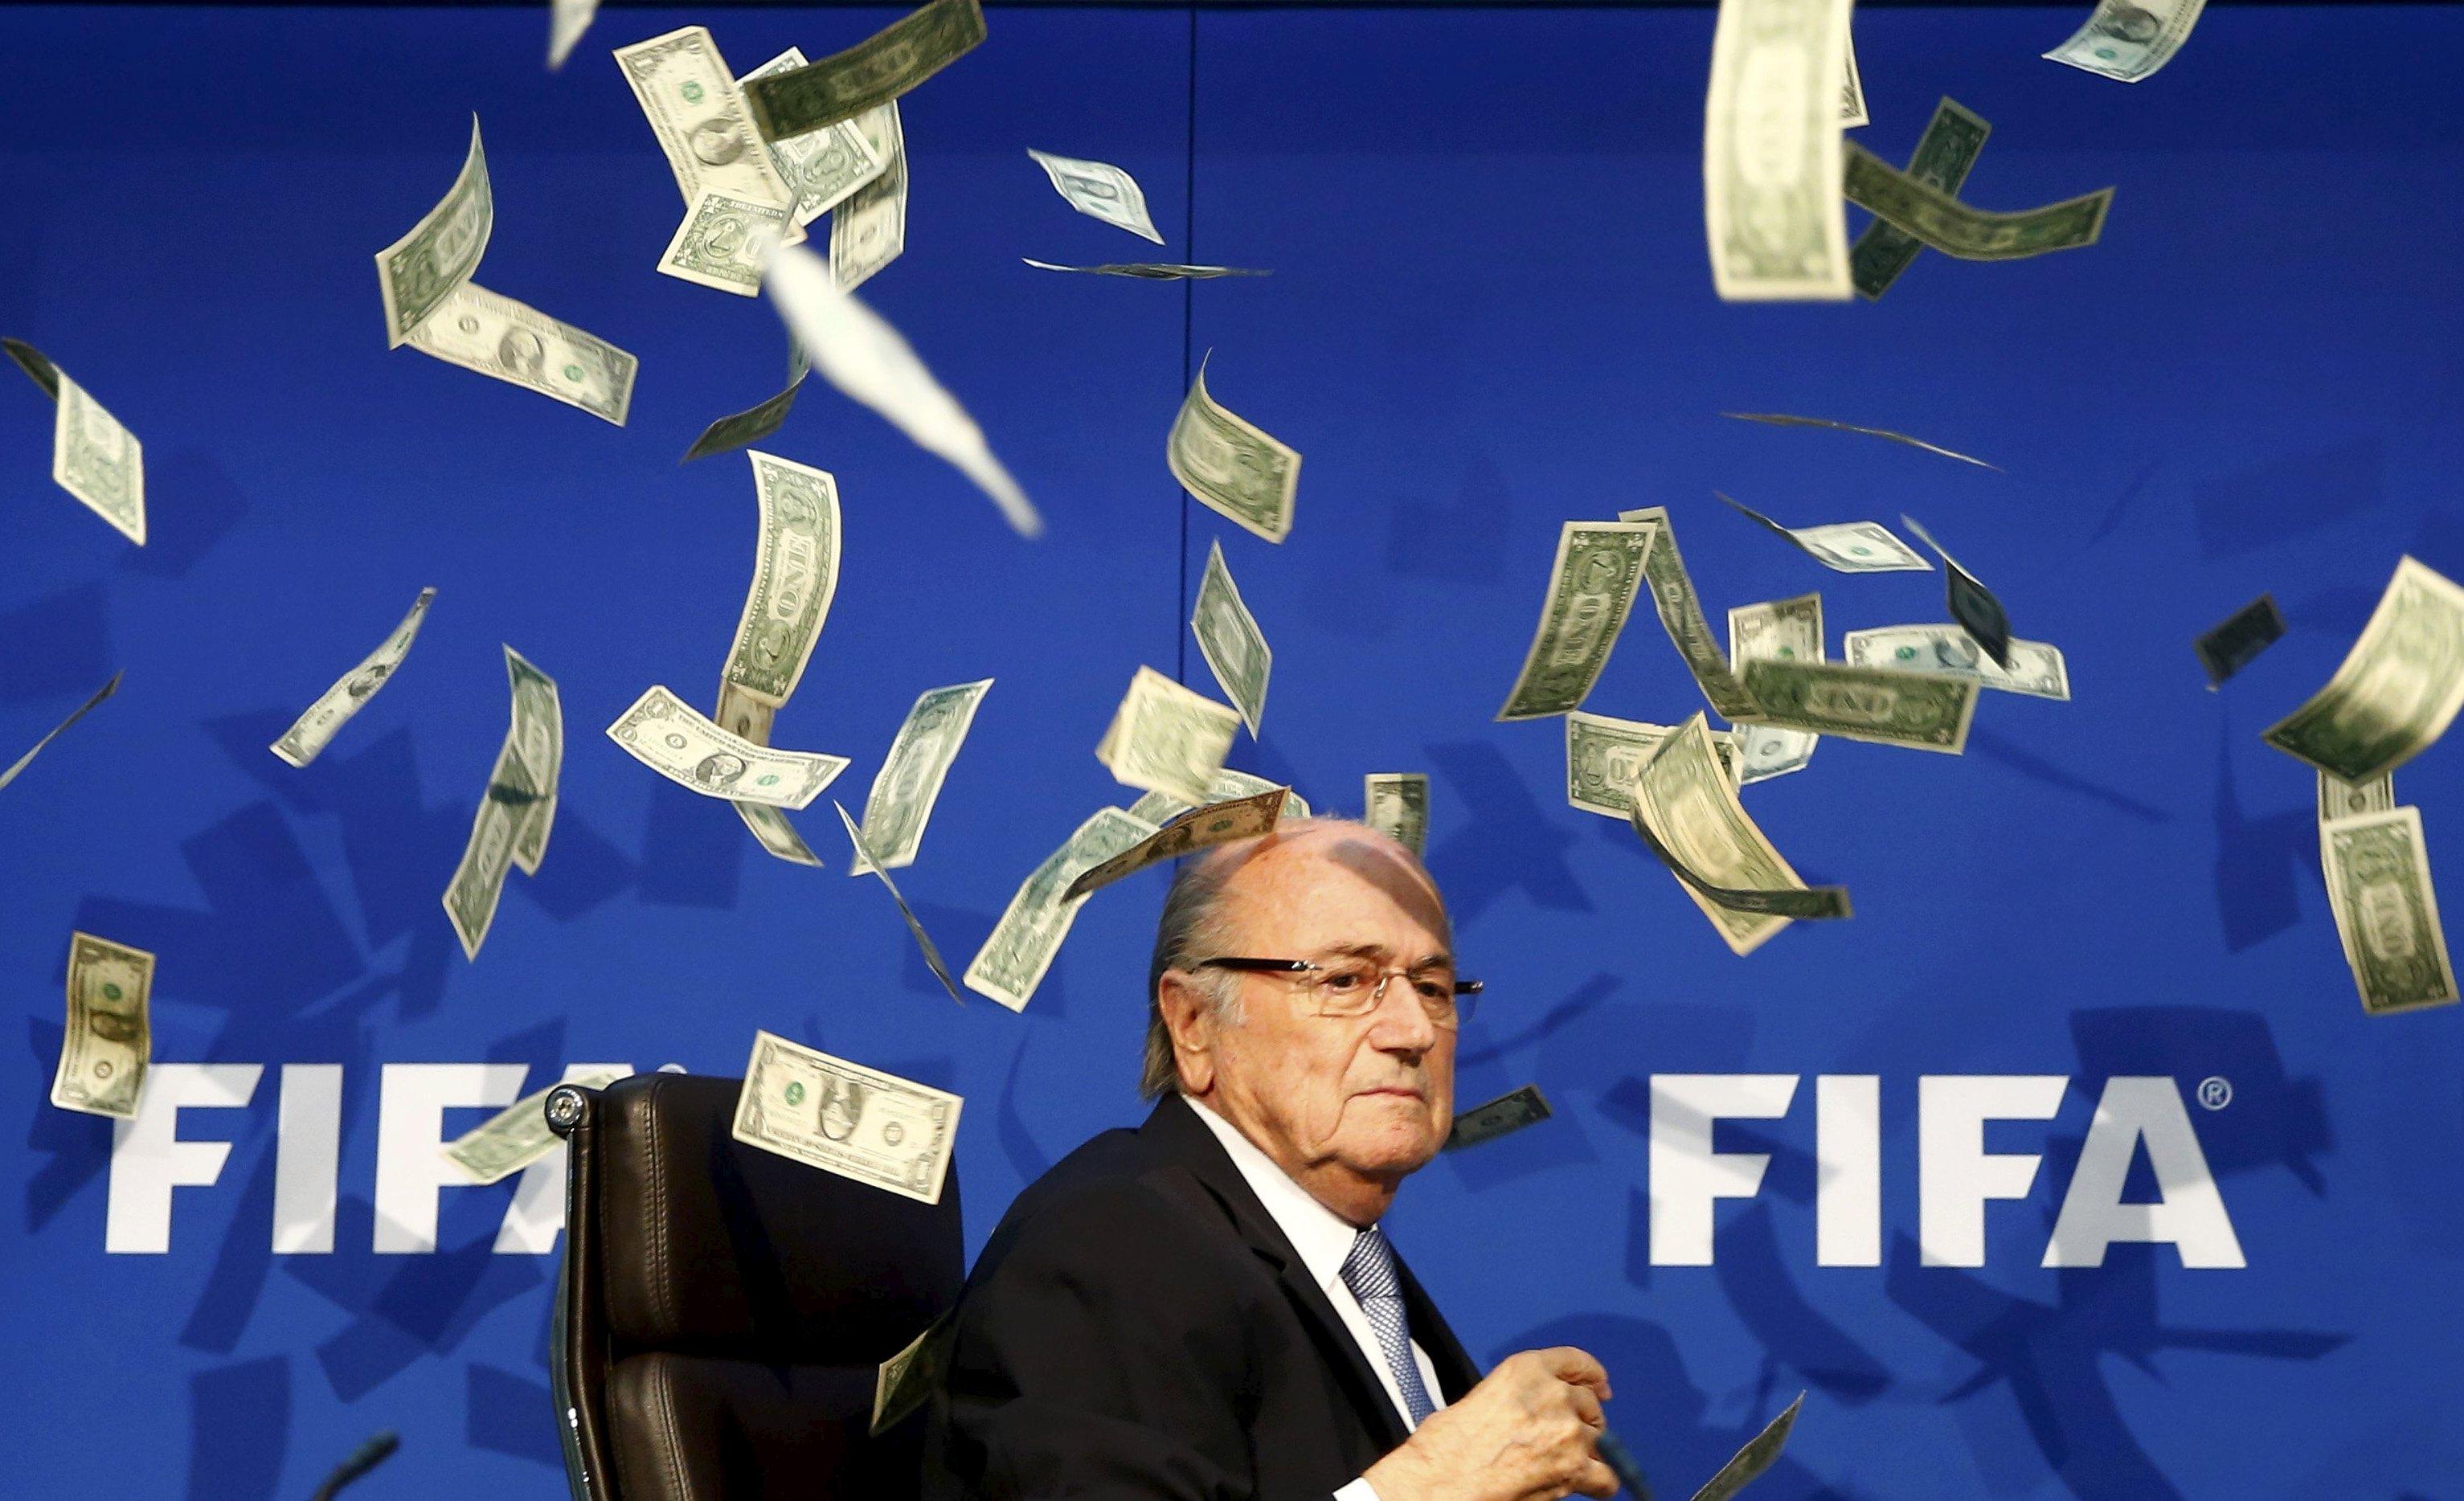 Komedian Inggris Lee Nelson (tak terlihat) melemparkan uang kertas ke Presiden FIFA Sepp Blatter saat tiba untuk konferensi pers setelah Sidang Luar Biasa Dewan Eksekutif FIFA di Zurich, Swiss, dalam arsip foto 20 Juli 2015. Blatter menghadapi skors 90 hari dari sepakbola jika lembaga pengatur etika mempertimbangkan kembali rekomendasi jaksa penuntut, menurut keterangan mantan penasehat dan kawan karib Blatter kepada Reuters, Rabu (7/10). Teman karib lama Blatter Klaus Stoehlker mengatakan keputusan Hakim Hans-Joachim Eckert diberikaan Jumat (9/10). Reuters tidak dapat mengkonfirmasi informasi dari Dewan Etik FIFA atau FIFA. ANTARA FOTO/REUTERS/Arnd Wiegmann/Files.